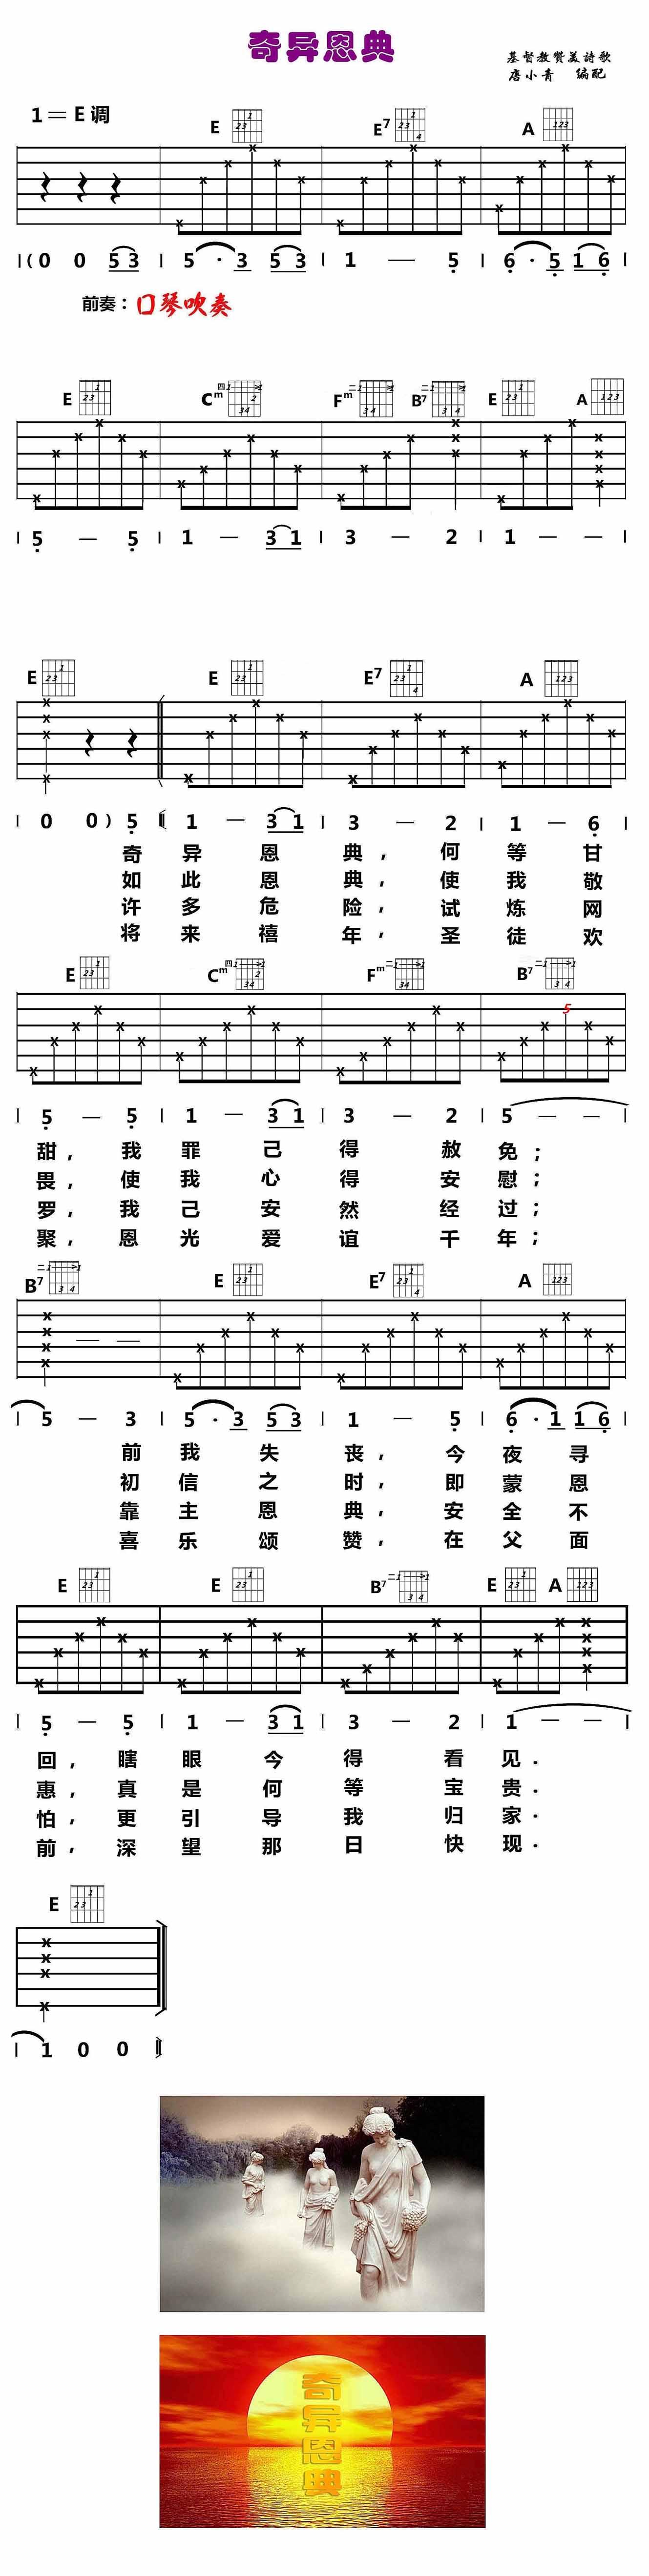 奇异恩典小提琴五线谱分享展示